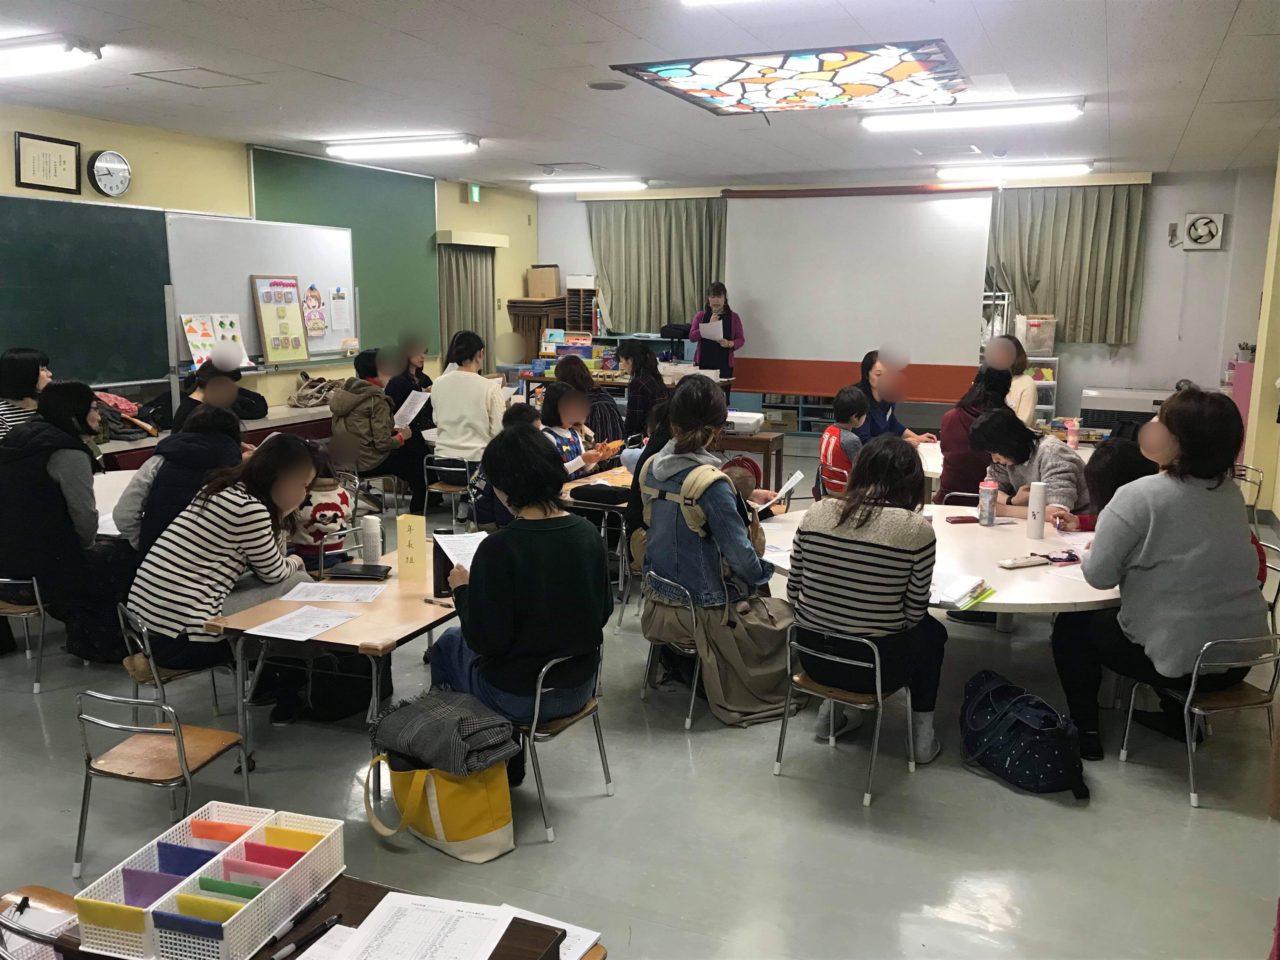 平和幼稚園 家庭教育学級 〜コミュニケーションを深めるアナログゲーム〜